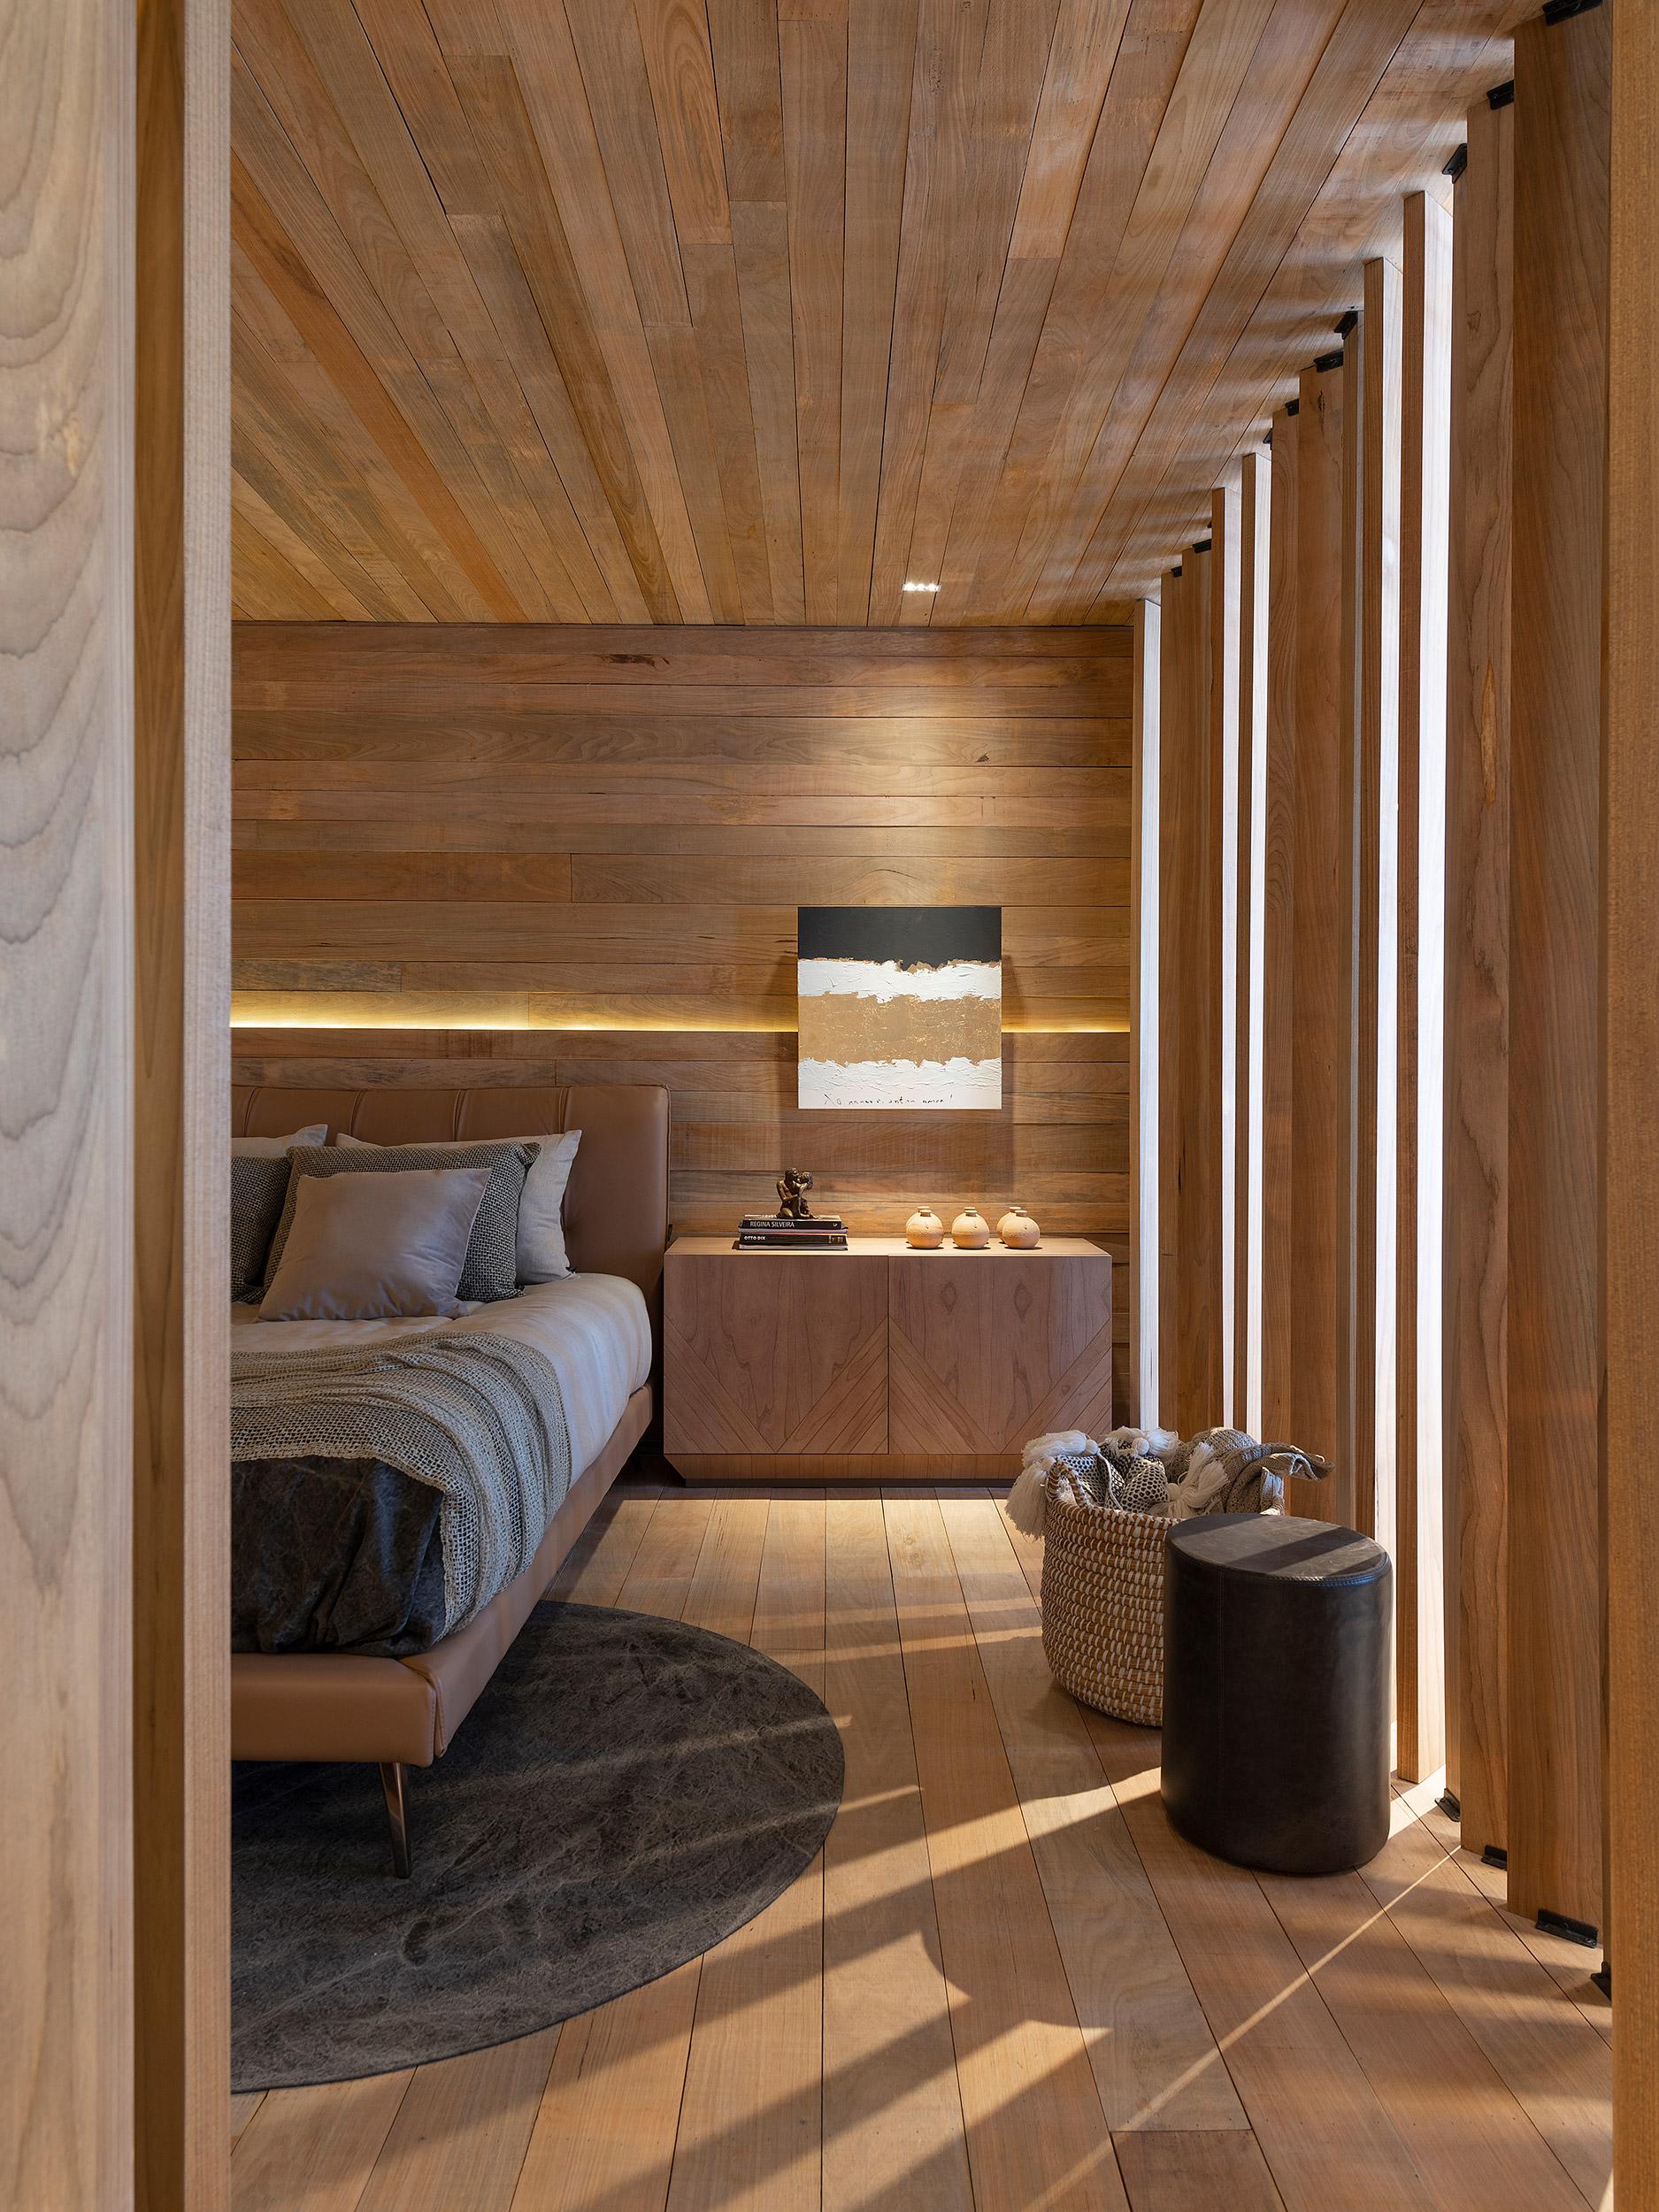 Loft Naturalle - Michael Zanghelini. Projeto da CASACOR Santa Catarina 2021